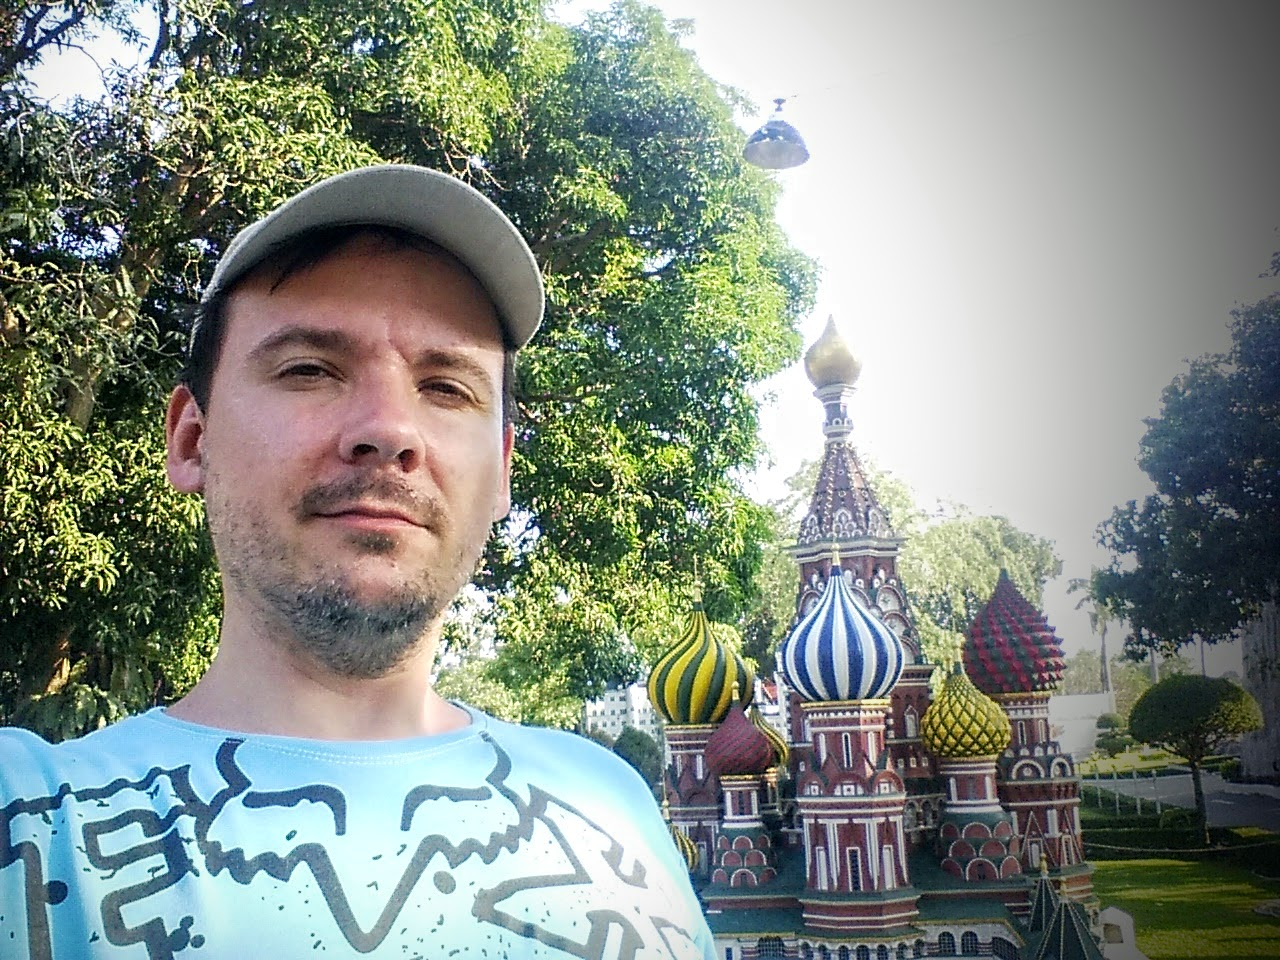 Собор Василия Блаженного: миниатюра в парке мини Сиам